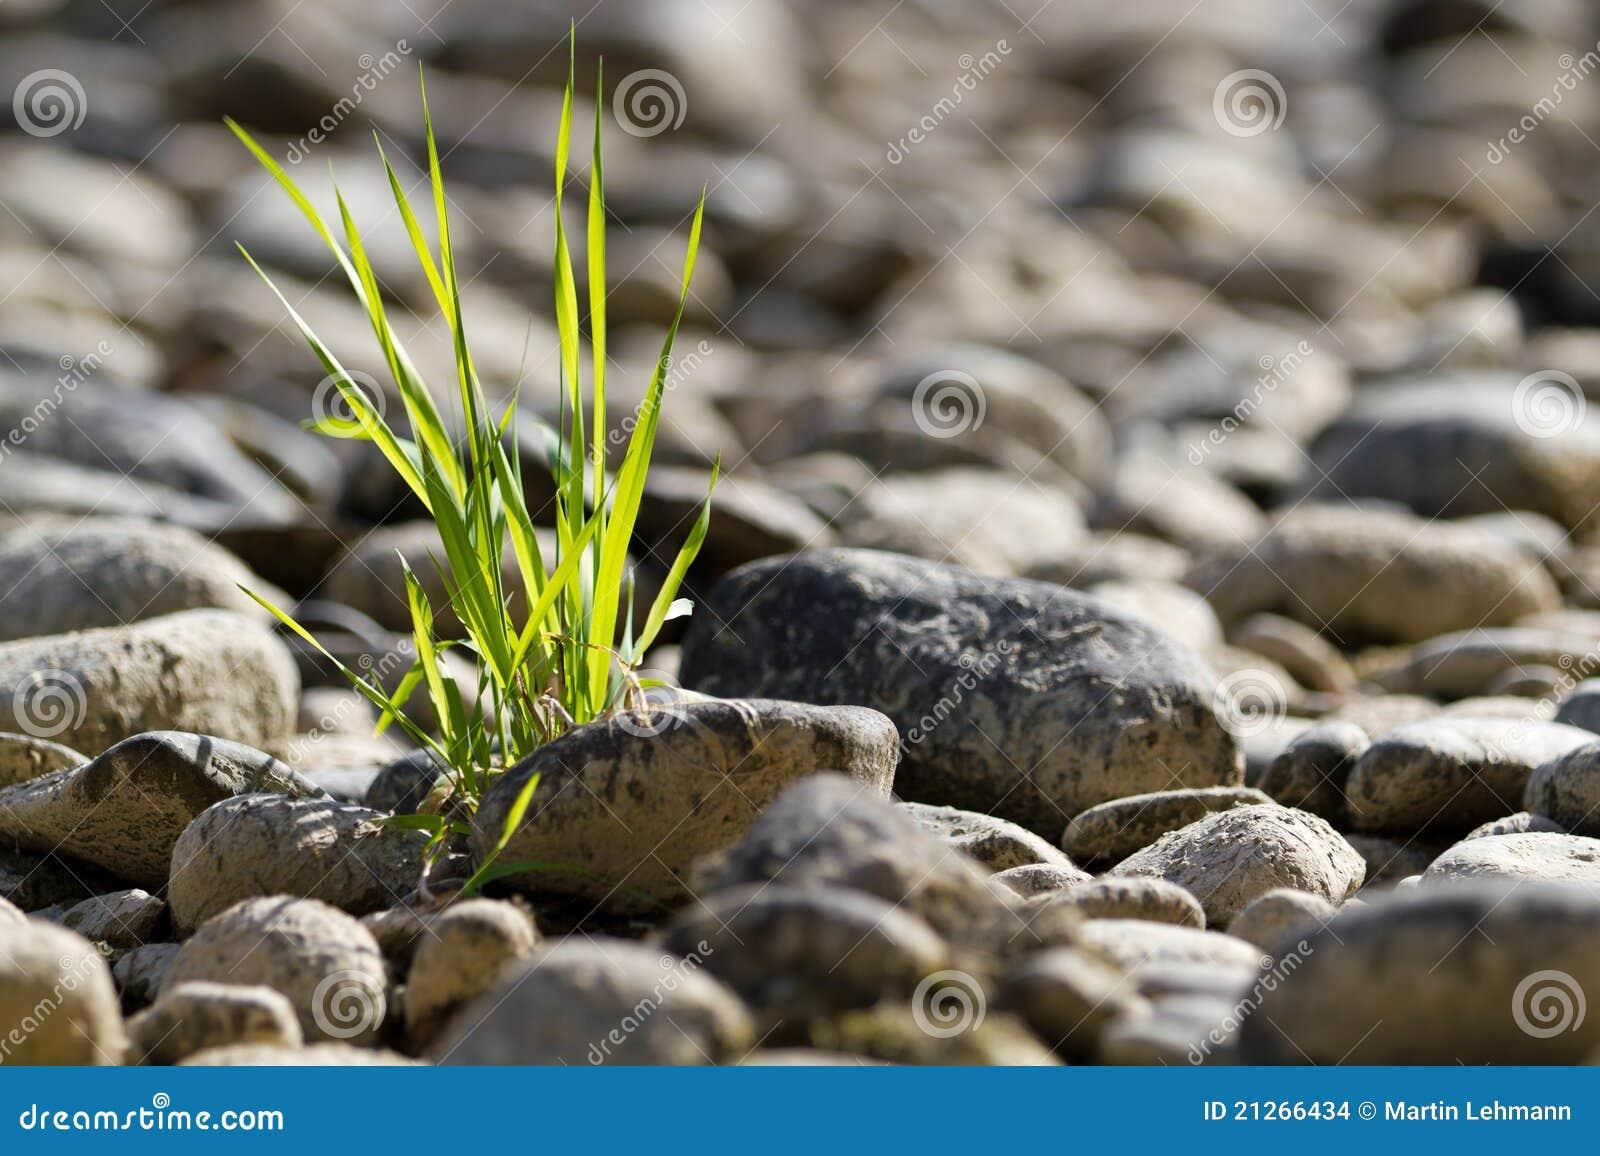 Touffe simple d herbe dans le désert en pierre